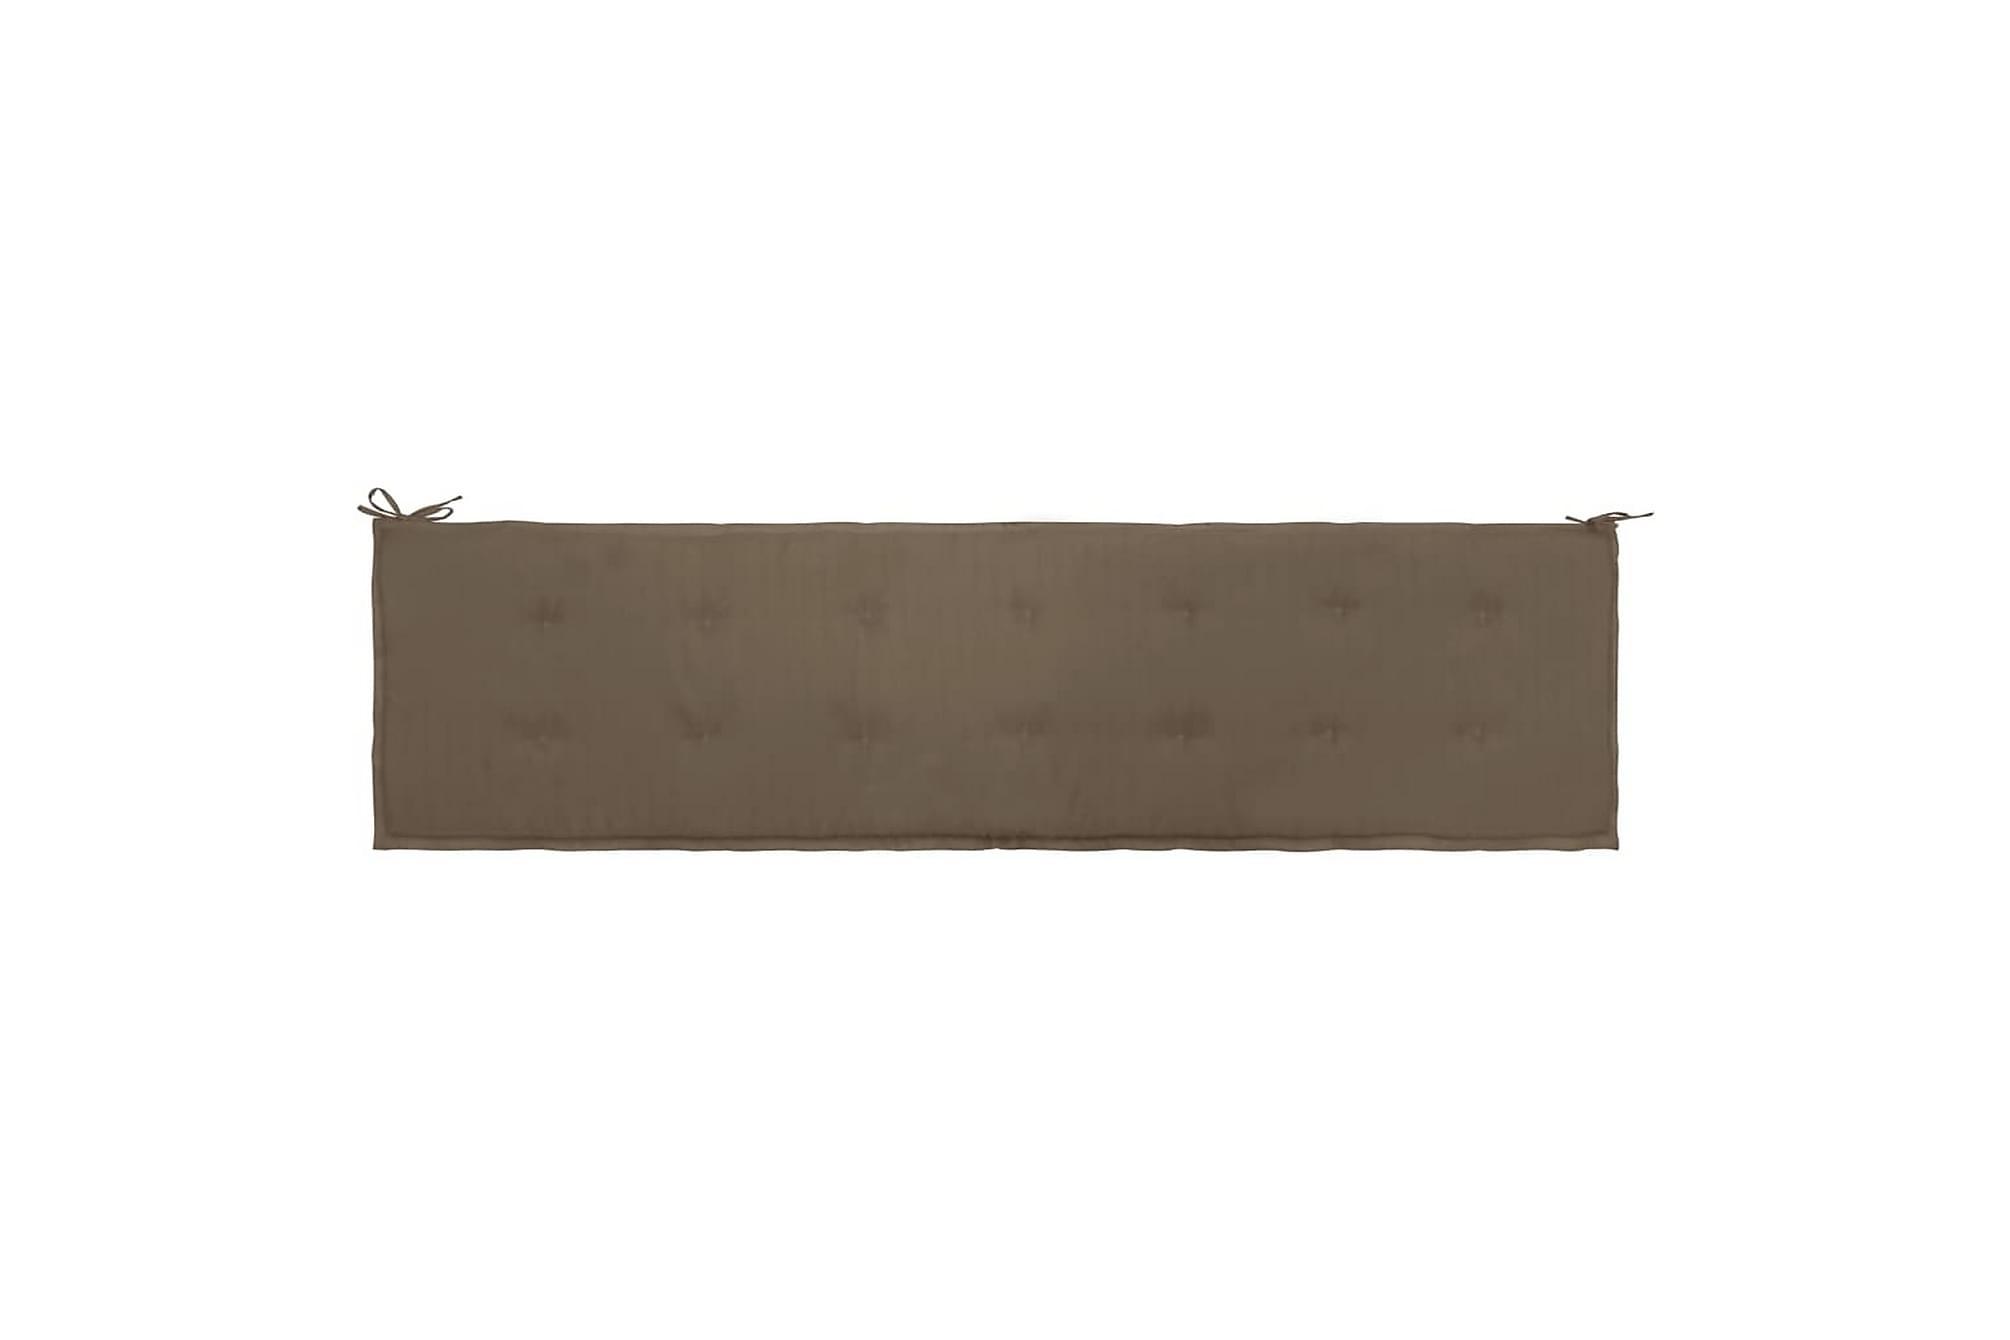 Dyna för trädgårdsbänk taupe 200x50x3 cm, Soffdynor